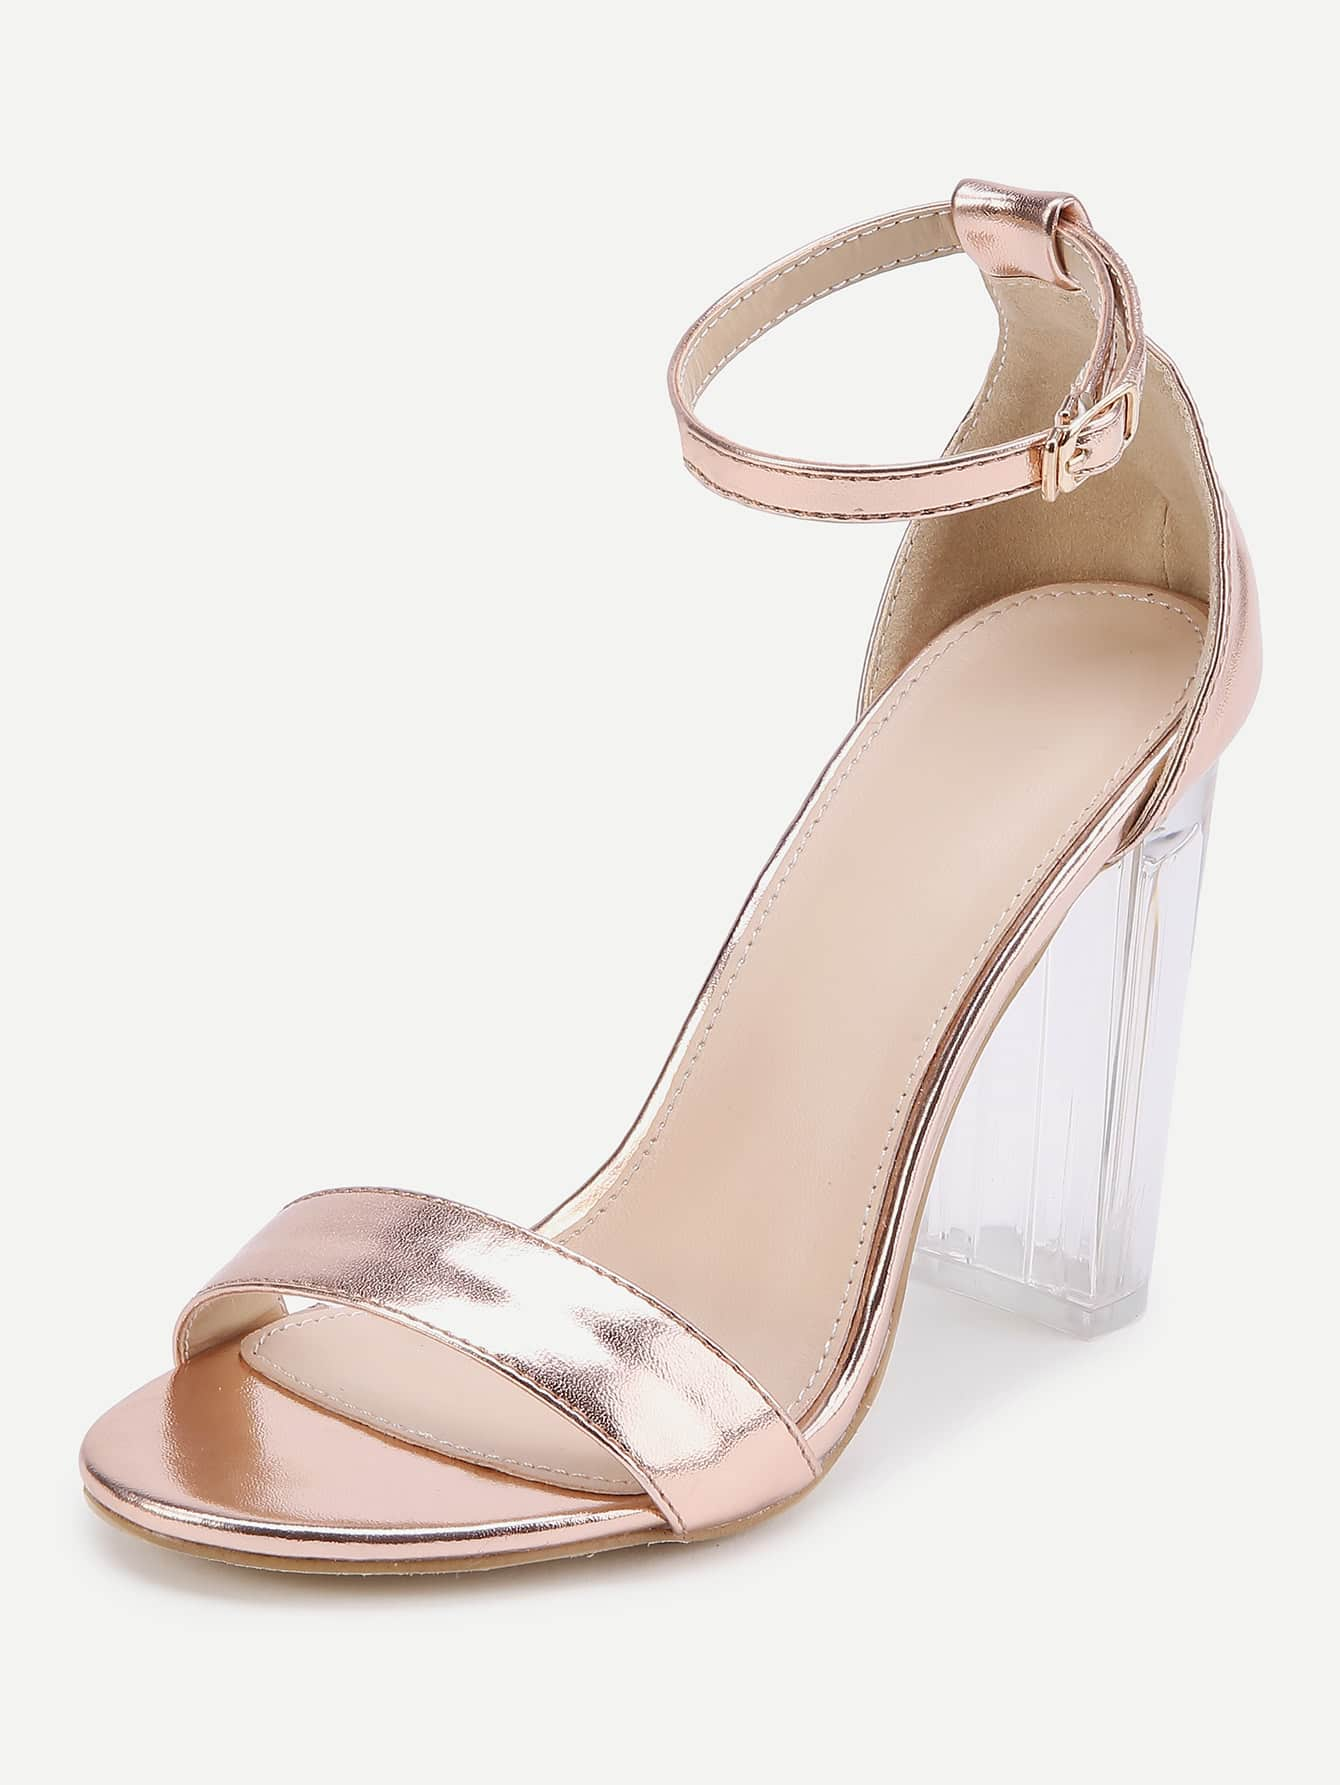 shoes170404810_2